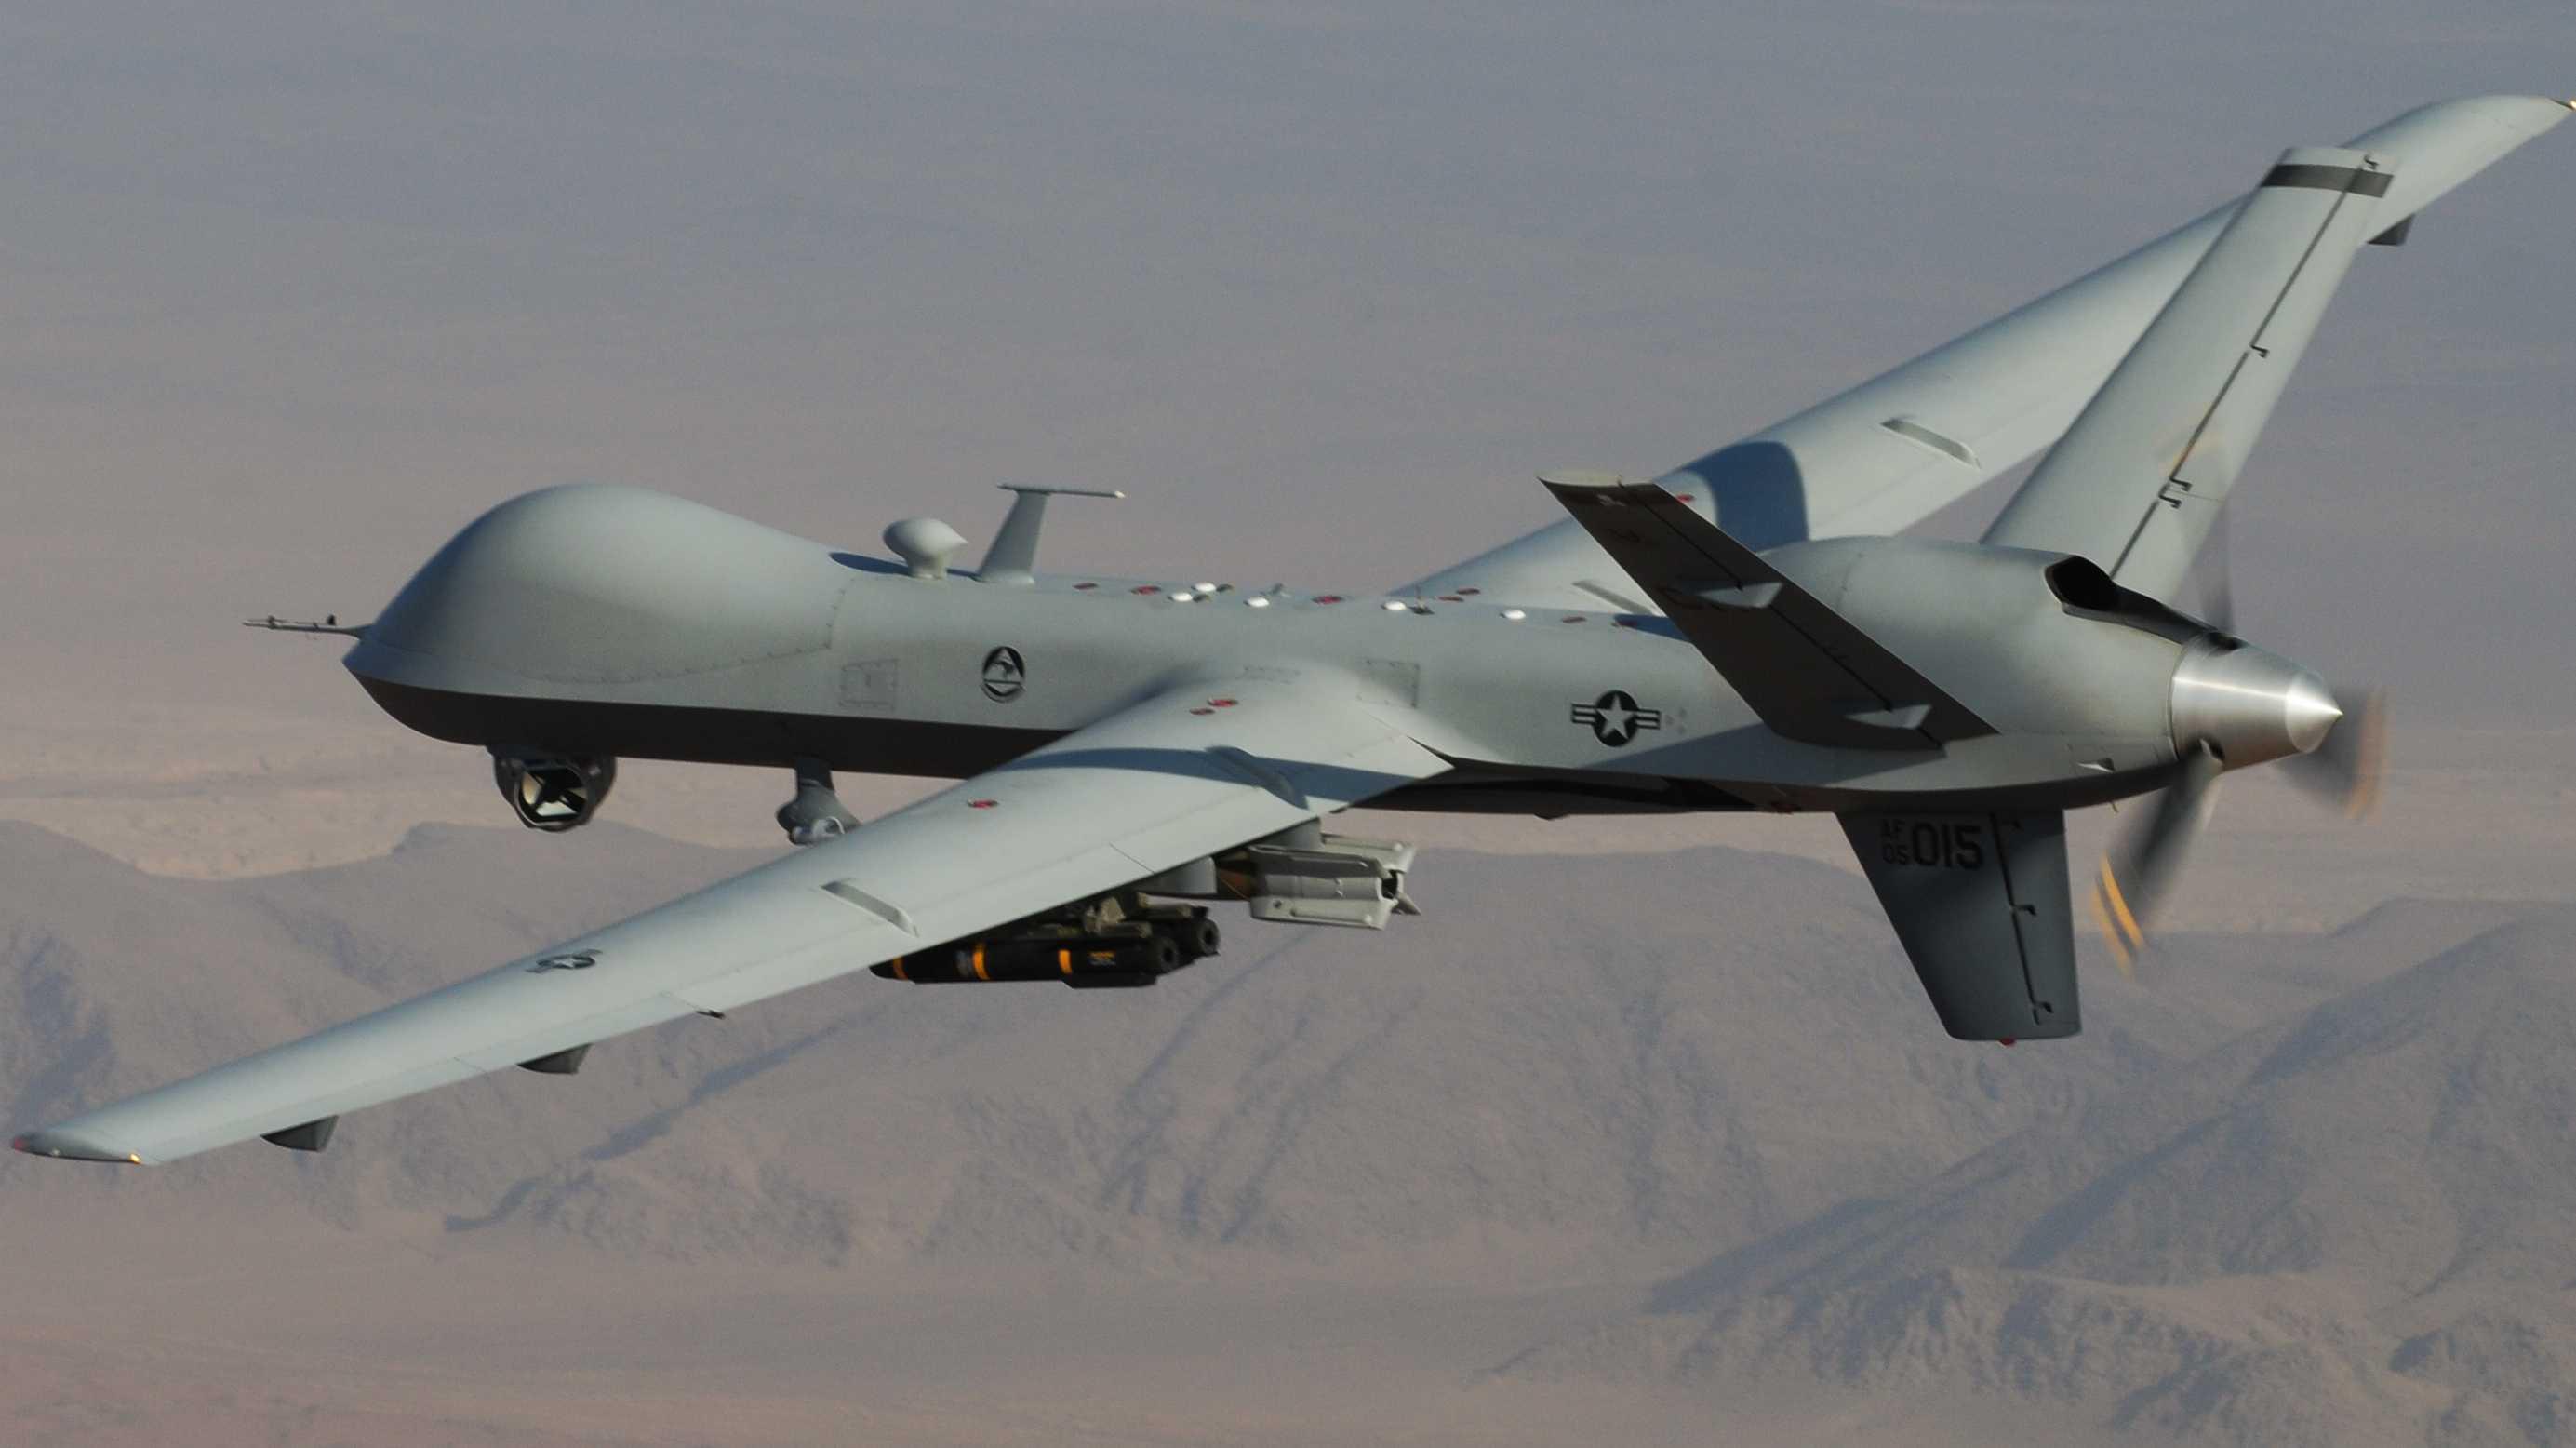 Drohne MQ-9 Reaper, bewaffnet mit  lasergesteuerten Bomben und Hellfire-Raketen